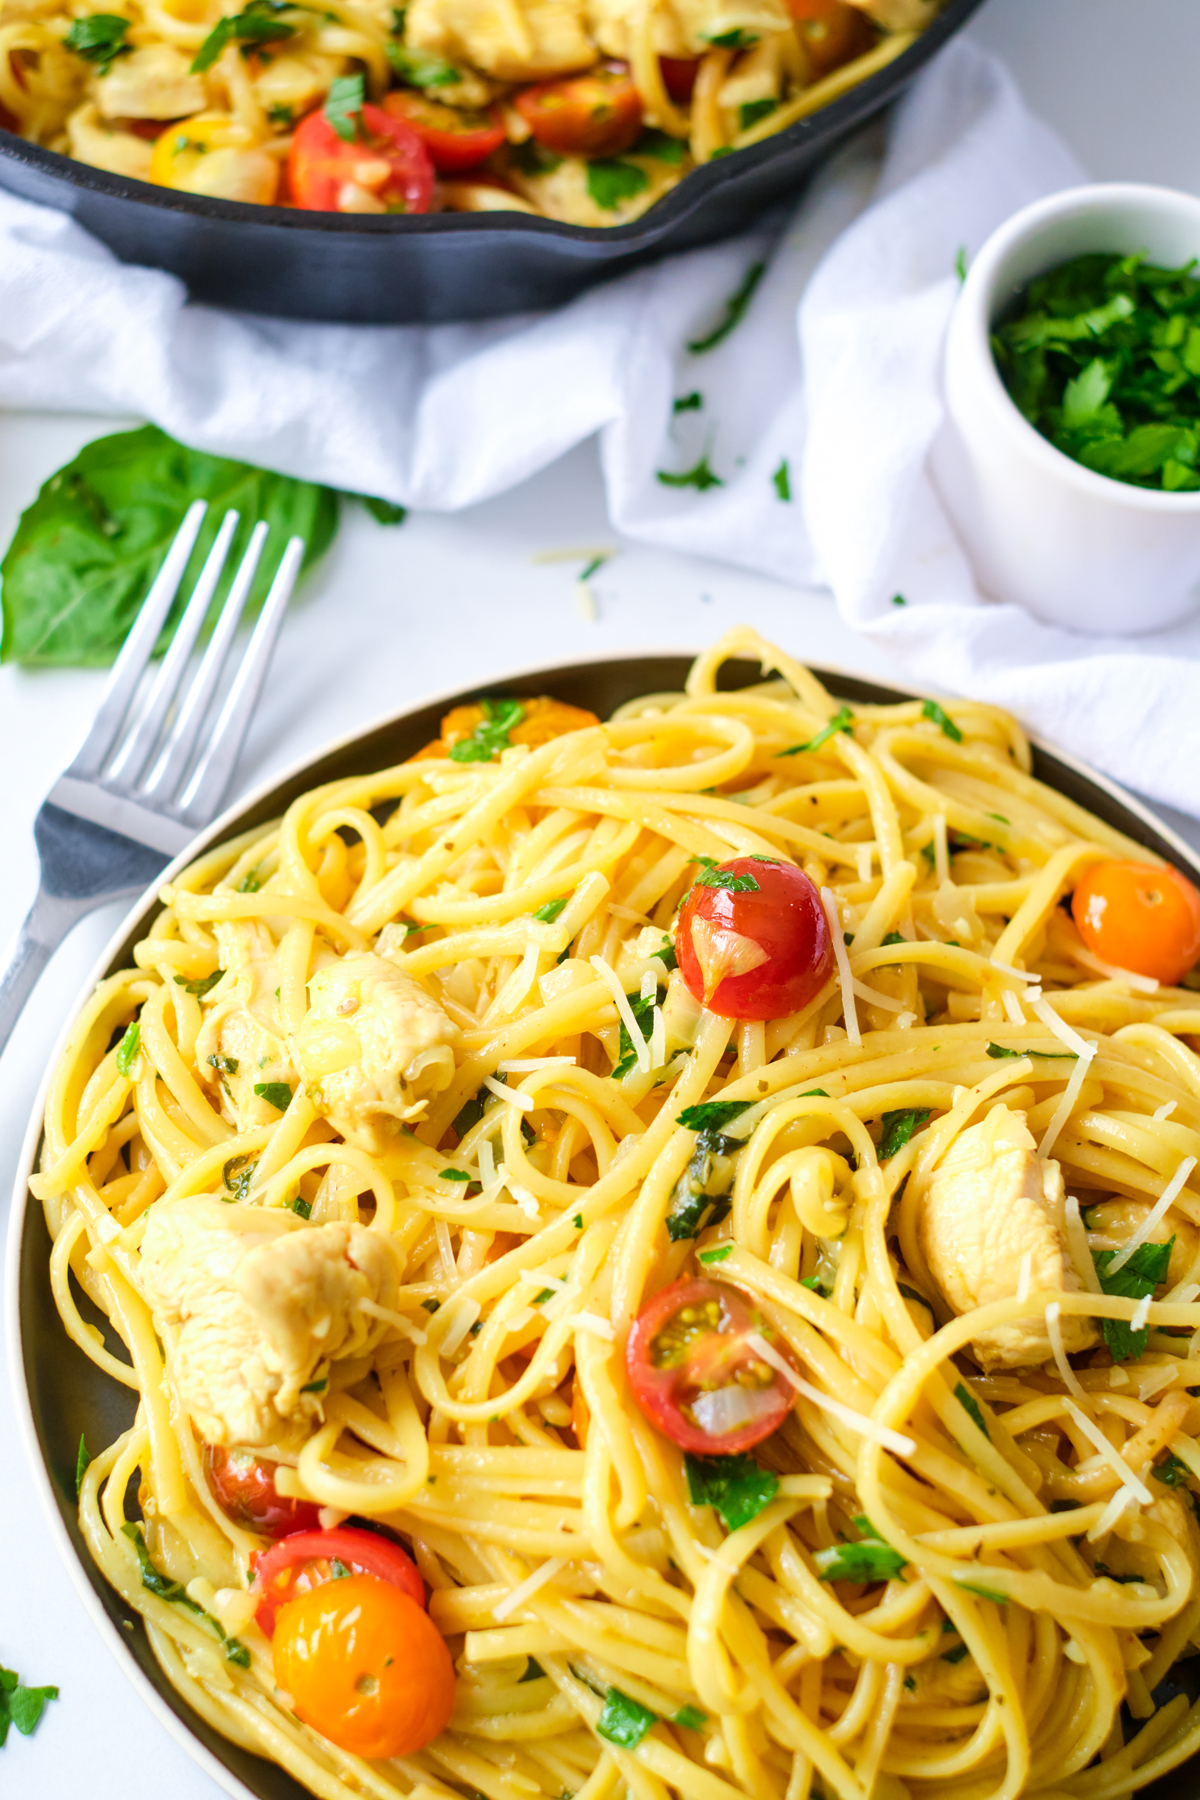 plated chicken pasta